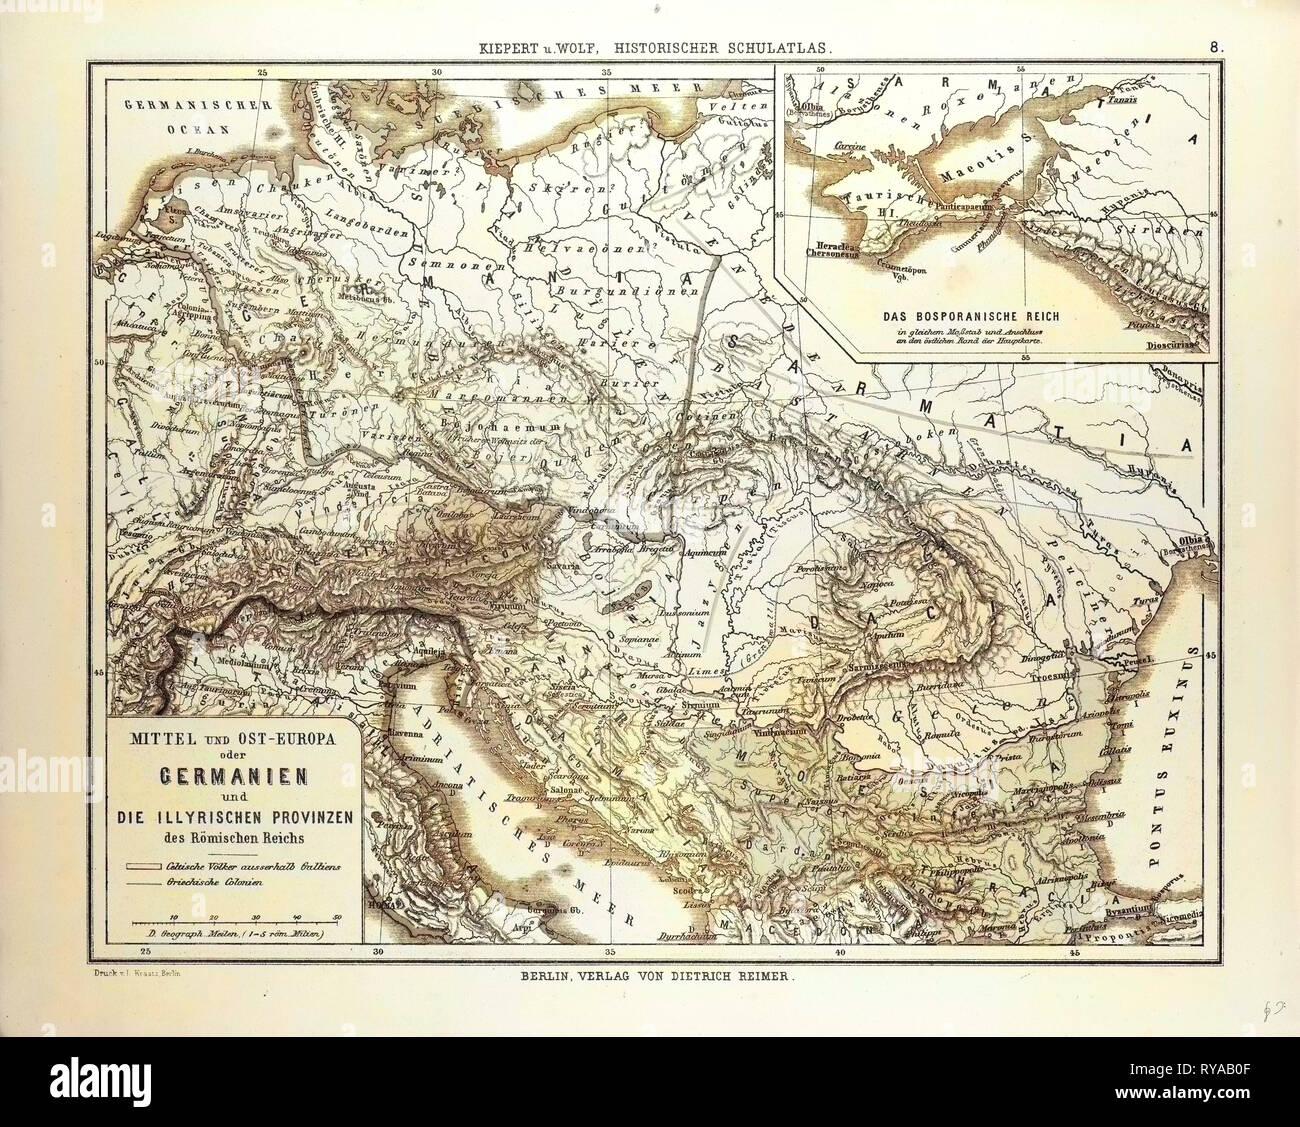 La carte de l'Europe centrale et orientale au cours de l'Empire romain Photo Stock